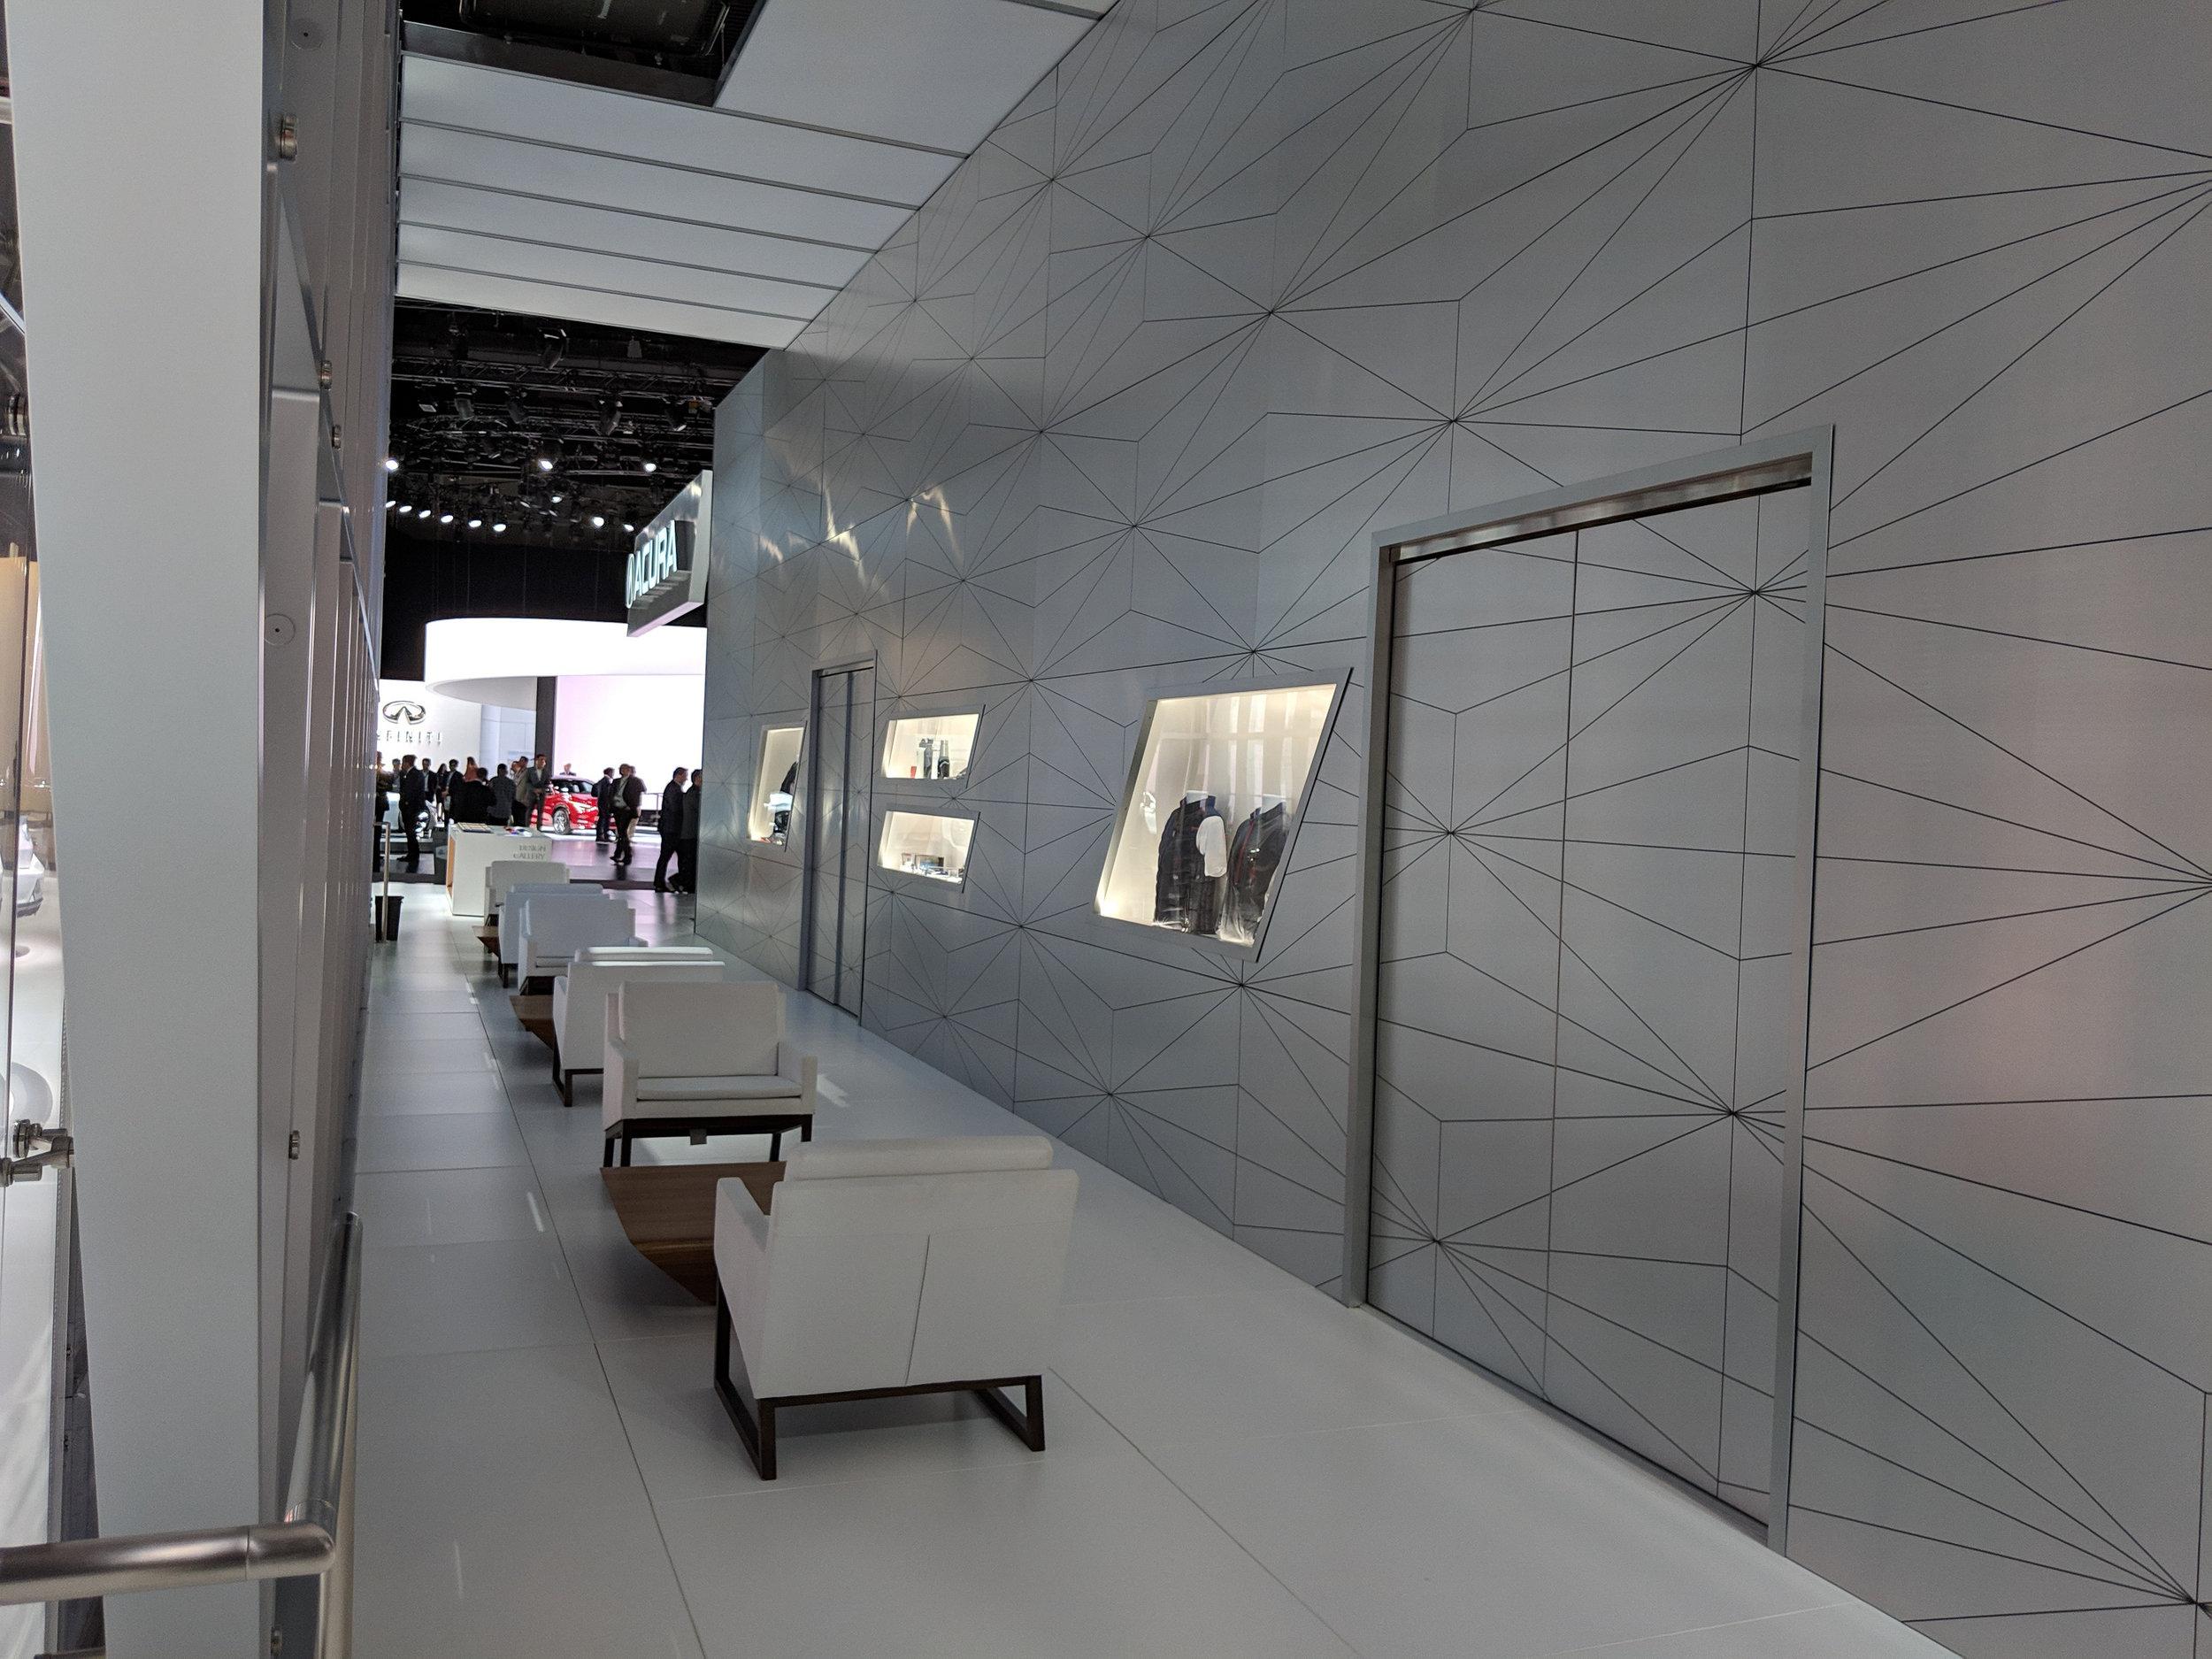 Mosaic Gallery, LAIAS 2018, Acura + GPJ, 2018